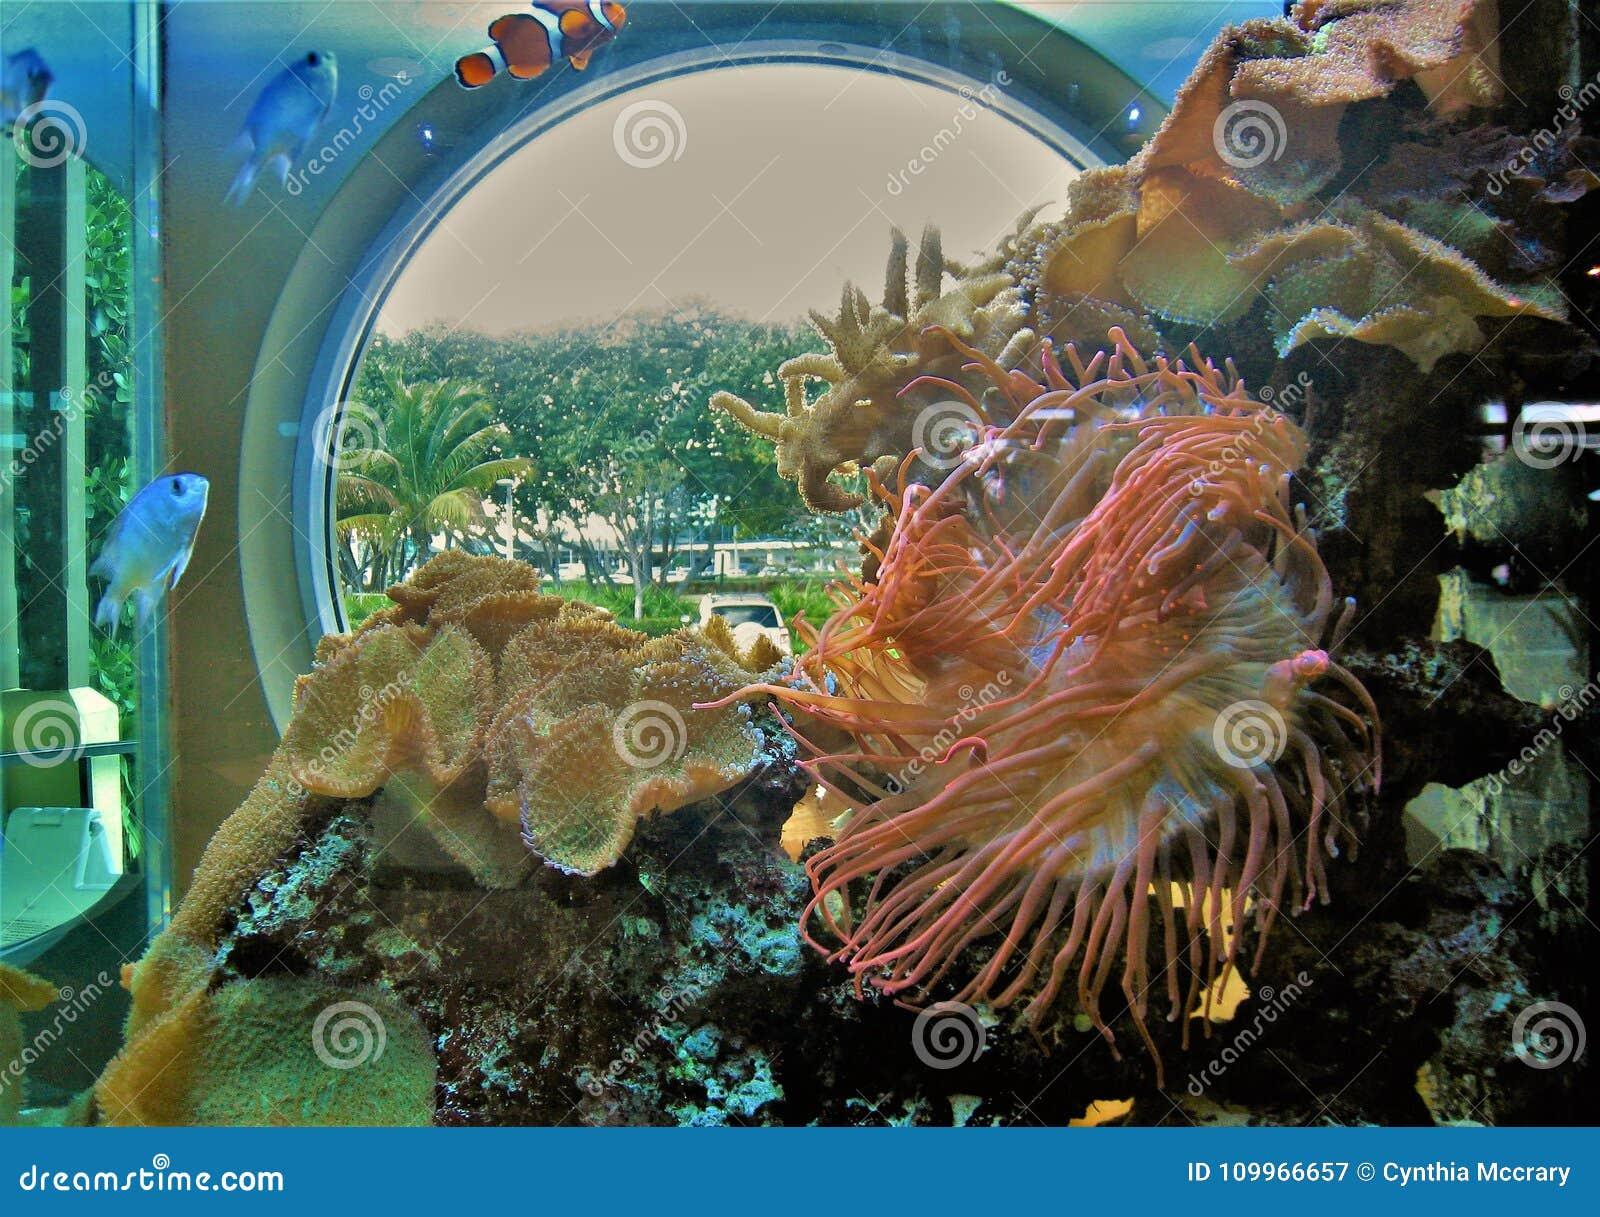 Aquarium at Loggerhead Marinelife Center